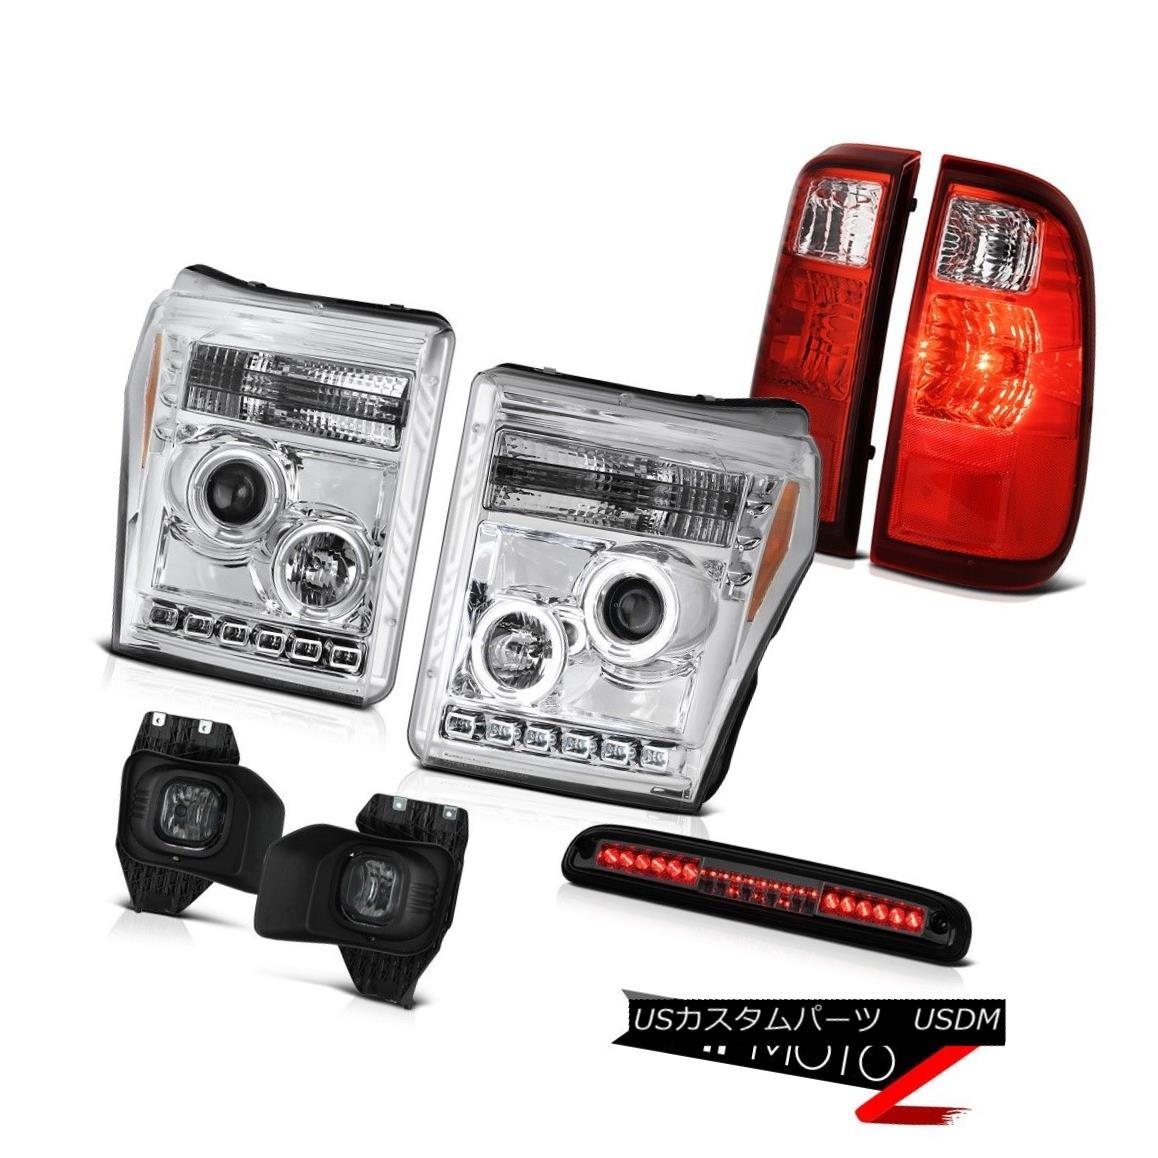 ヘッドライト 11-16 F250 Xl 3RD Brake Light Foglamps Red Clear Taillamps Crystal Headlights 11-16 F250 Xl 3RDブレーキライトフォグランプレッドクリアタライアンプクリスタルヘッドライト